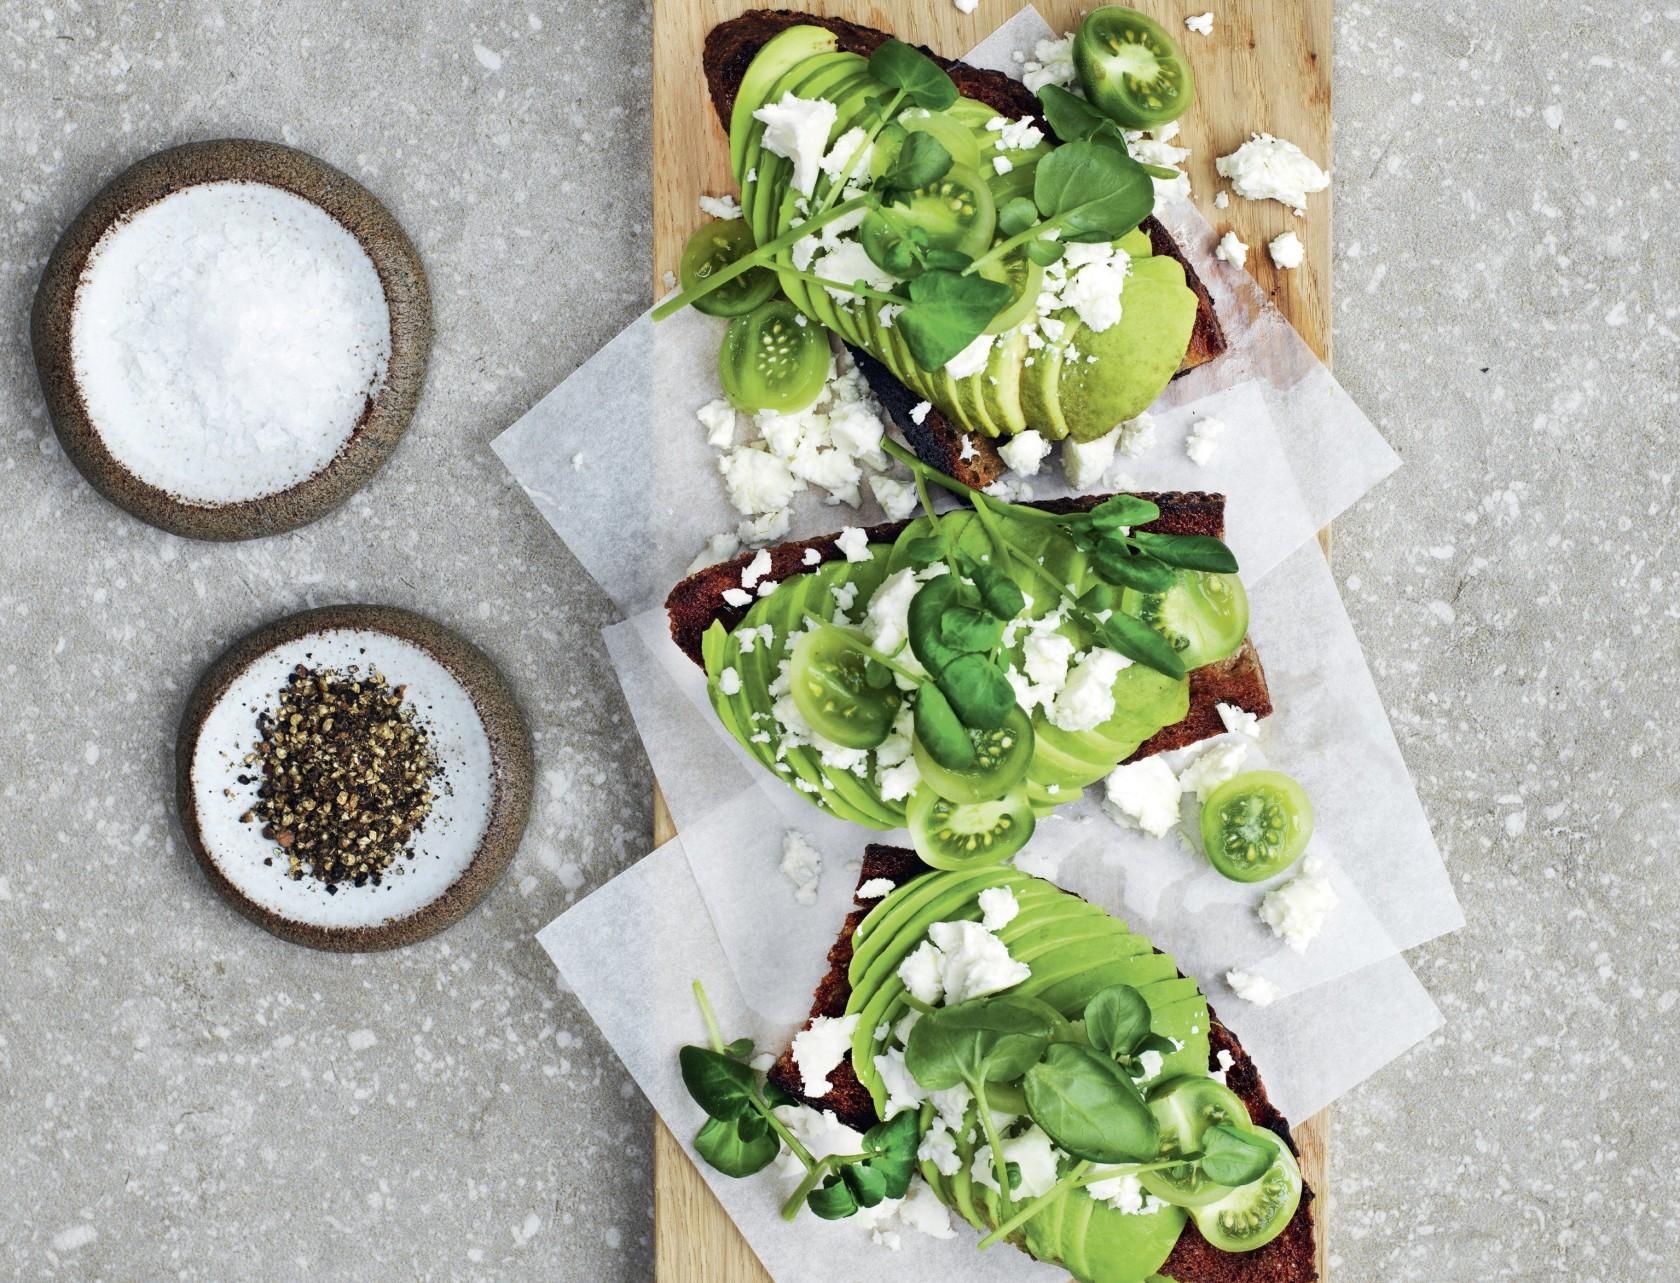 Lækker avocadomad med feta og tomater - nem opskrift!